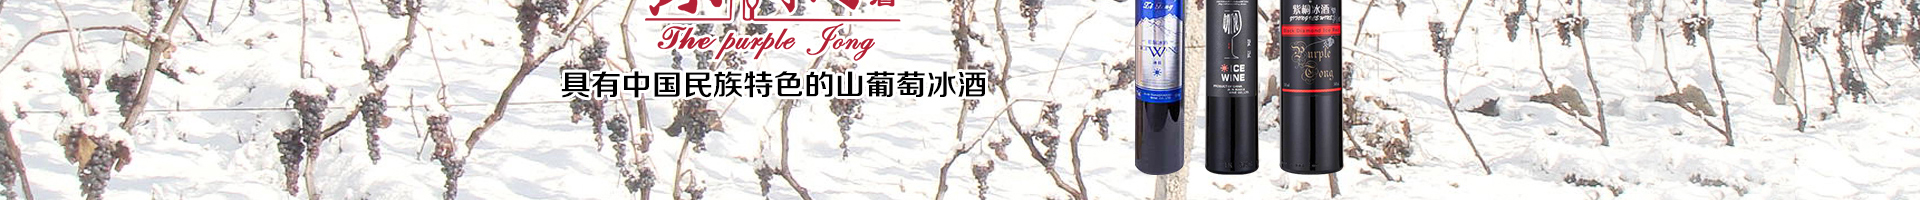 吉林紫桐酒业有限公司